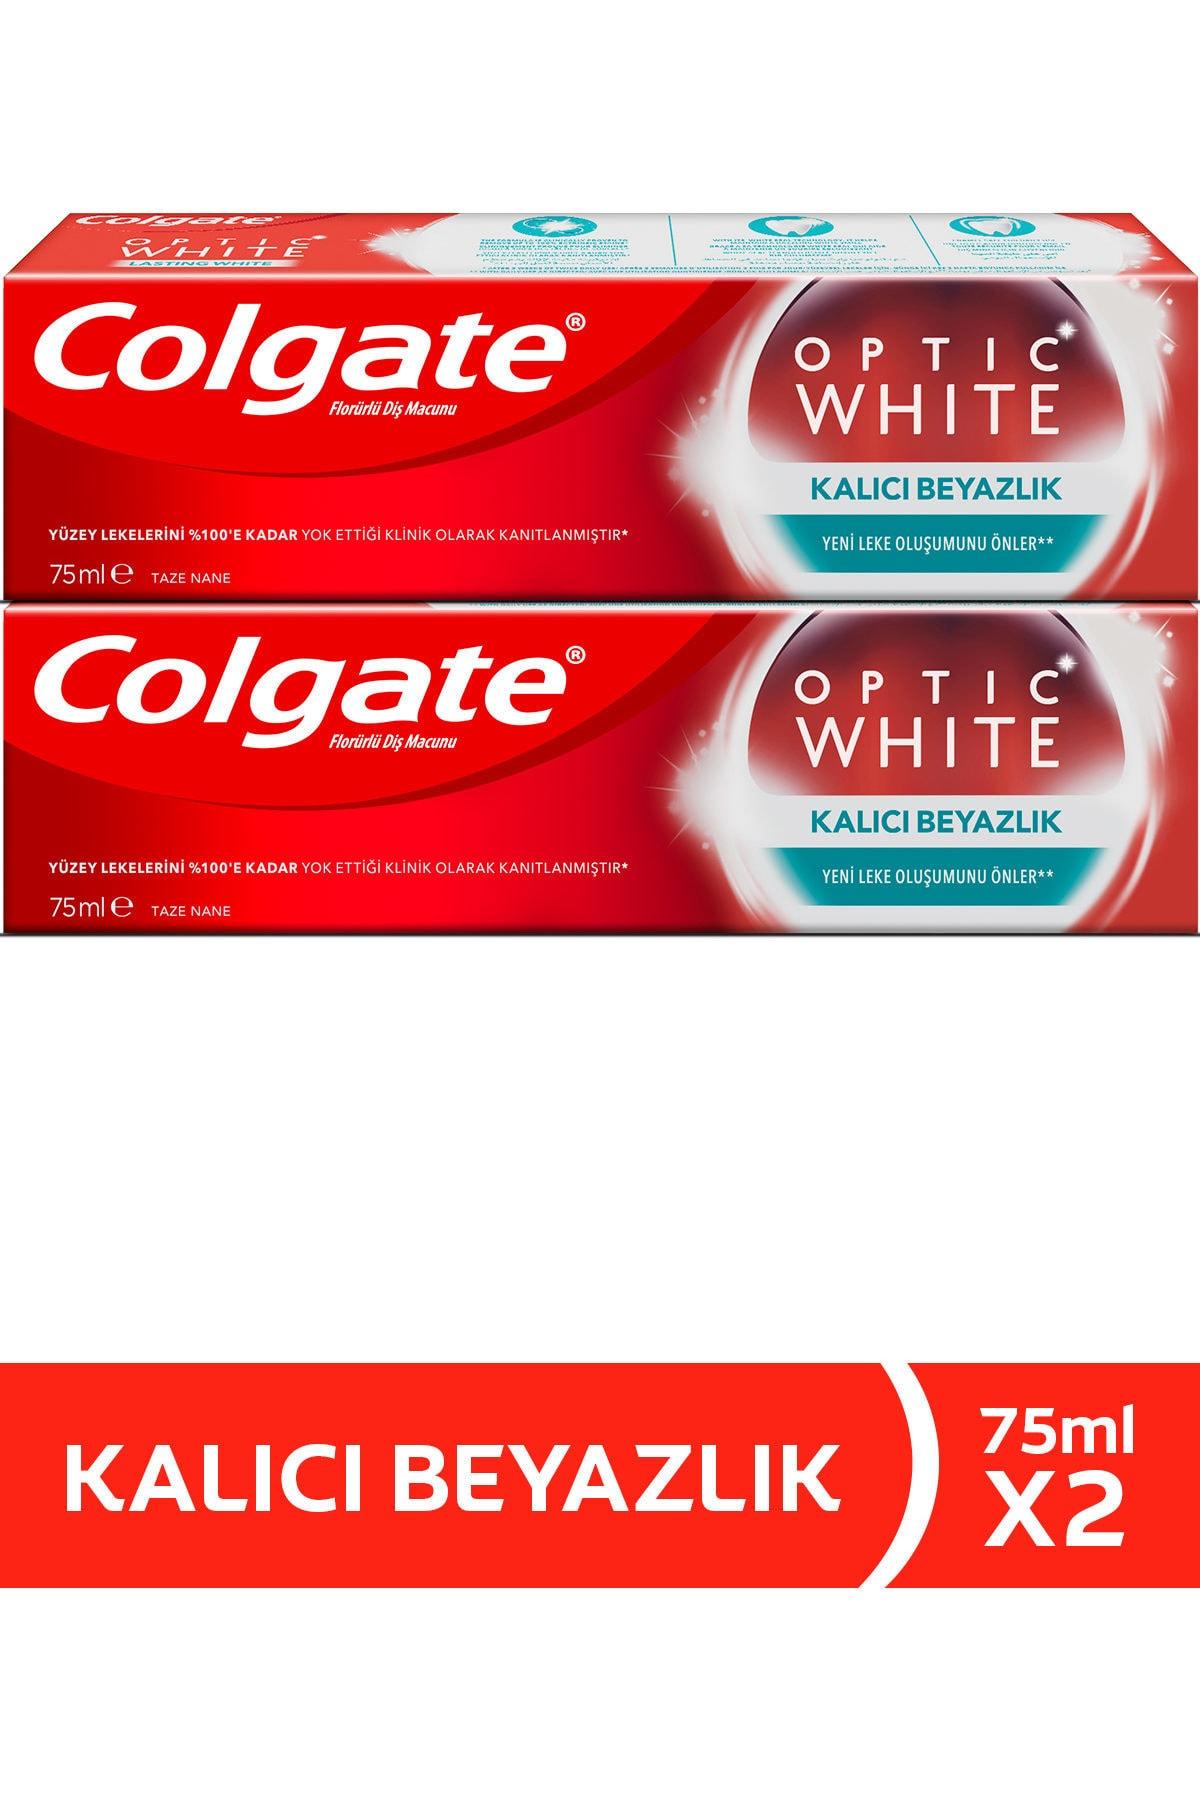 Colgate Optik Beyaz Kalıcı Beyazlık Beyazlatıcı Diş Macunu 75 ml  x 2 Adet 1